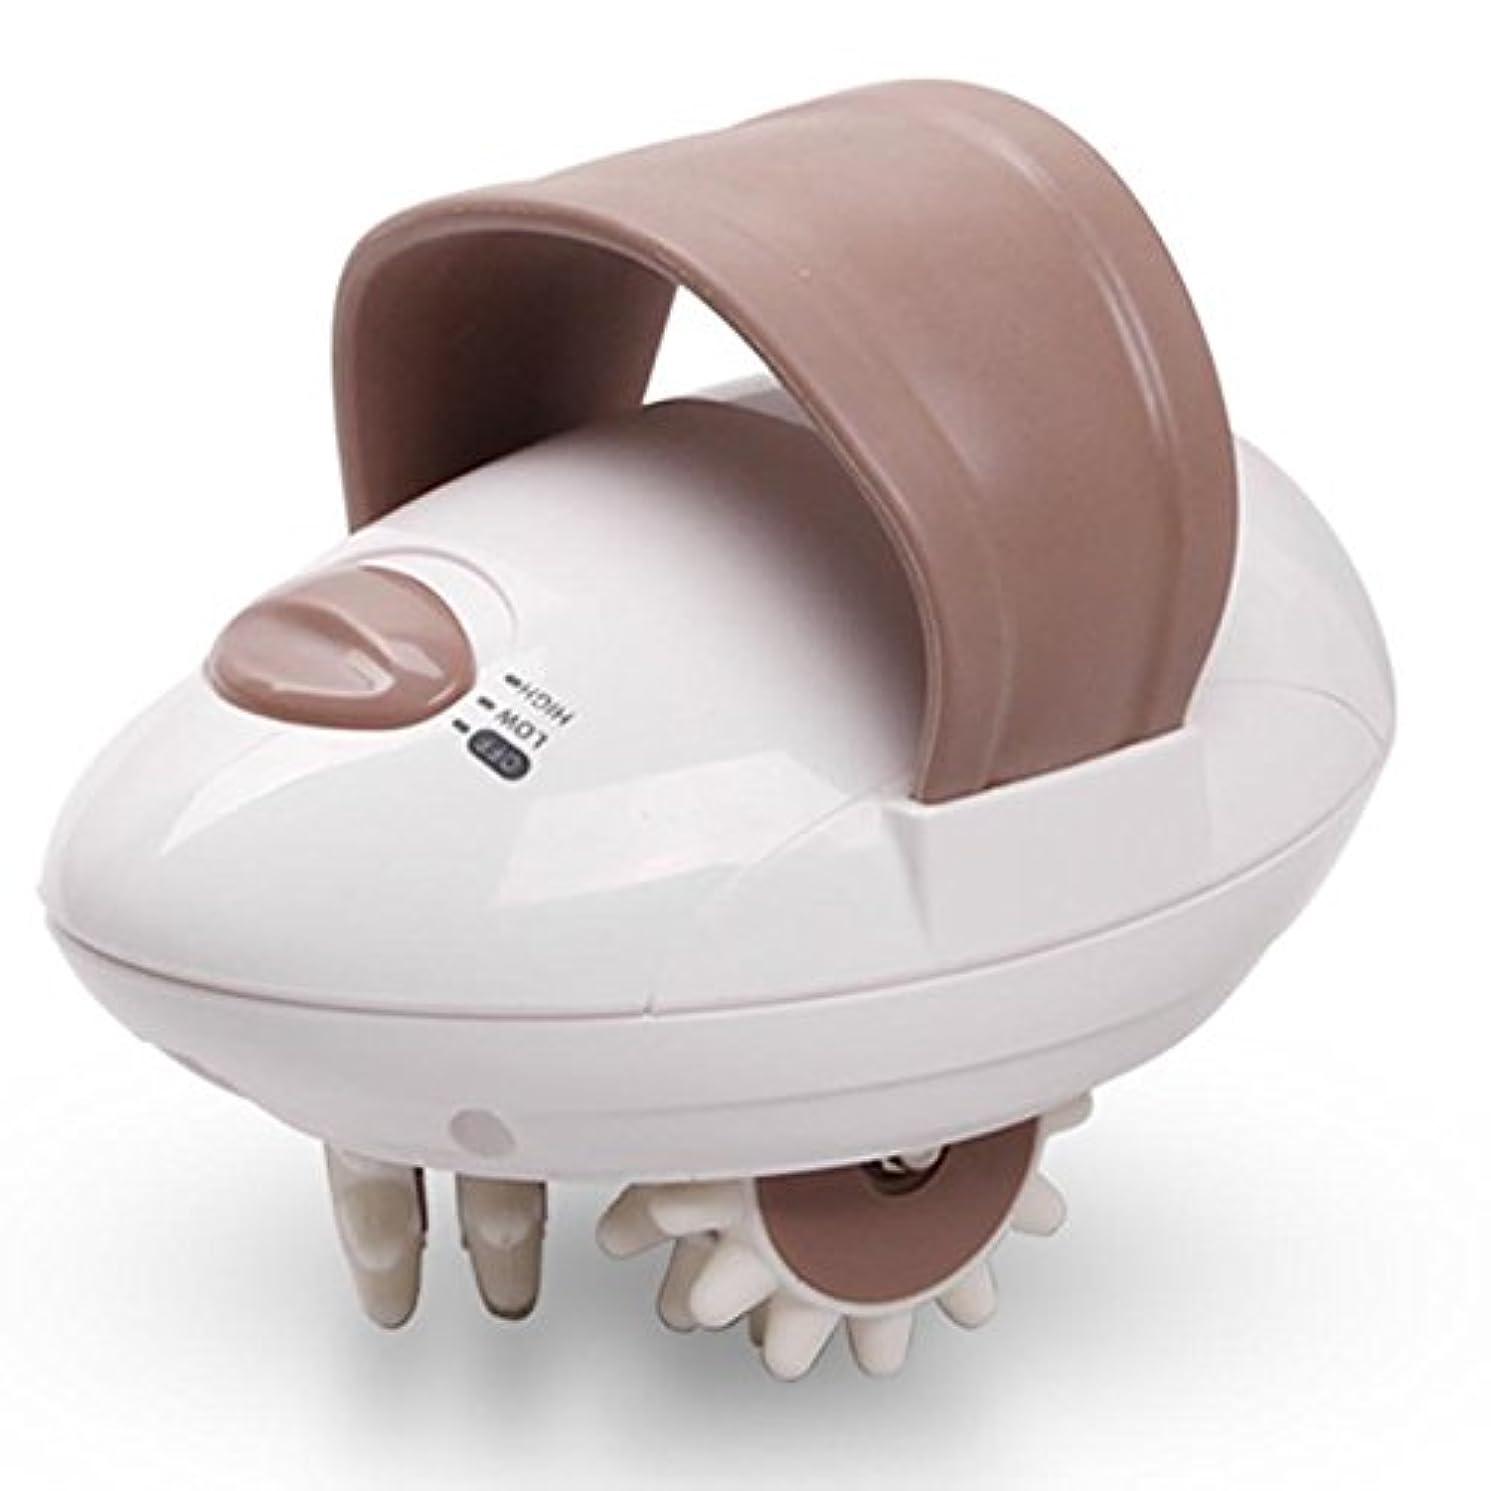 赤道故障たとえLiebeye マッサージ 減量 脂肪燃焼 電動フルボディマッサージローラー セルライトマッサージ スマートデバイス テンションを解放